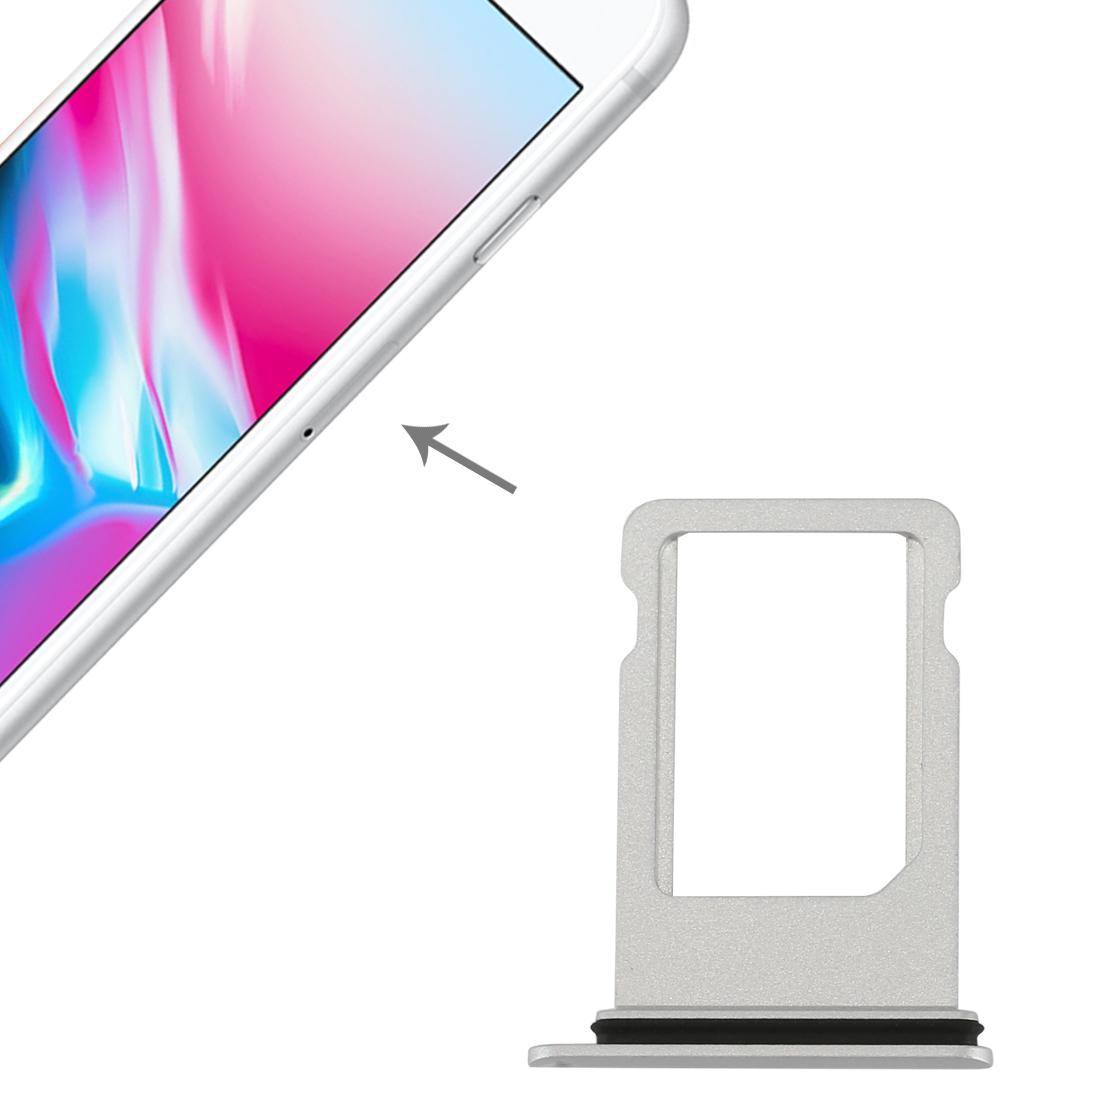 Ersatz Sim Karte.Sim Karten Halter Adapter Sim Card Tray Für Apple Iphone 8 4 7 Silber Ersatz Neu